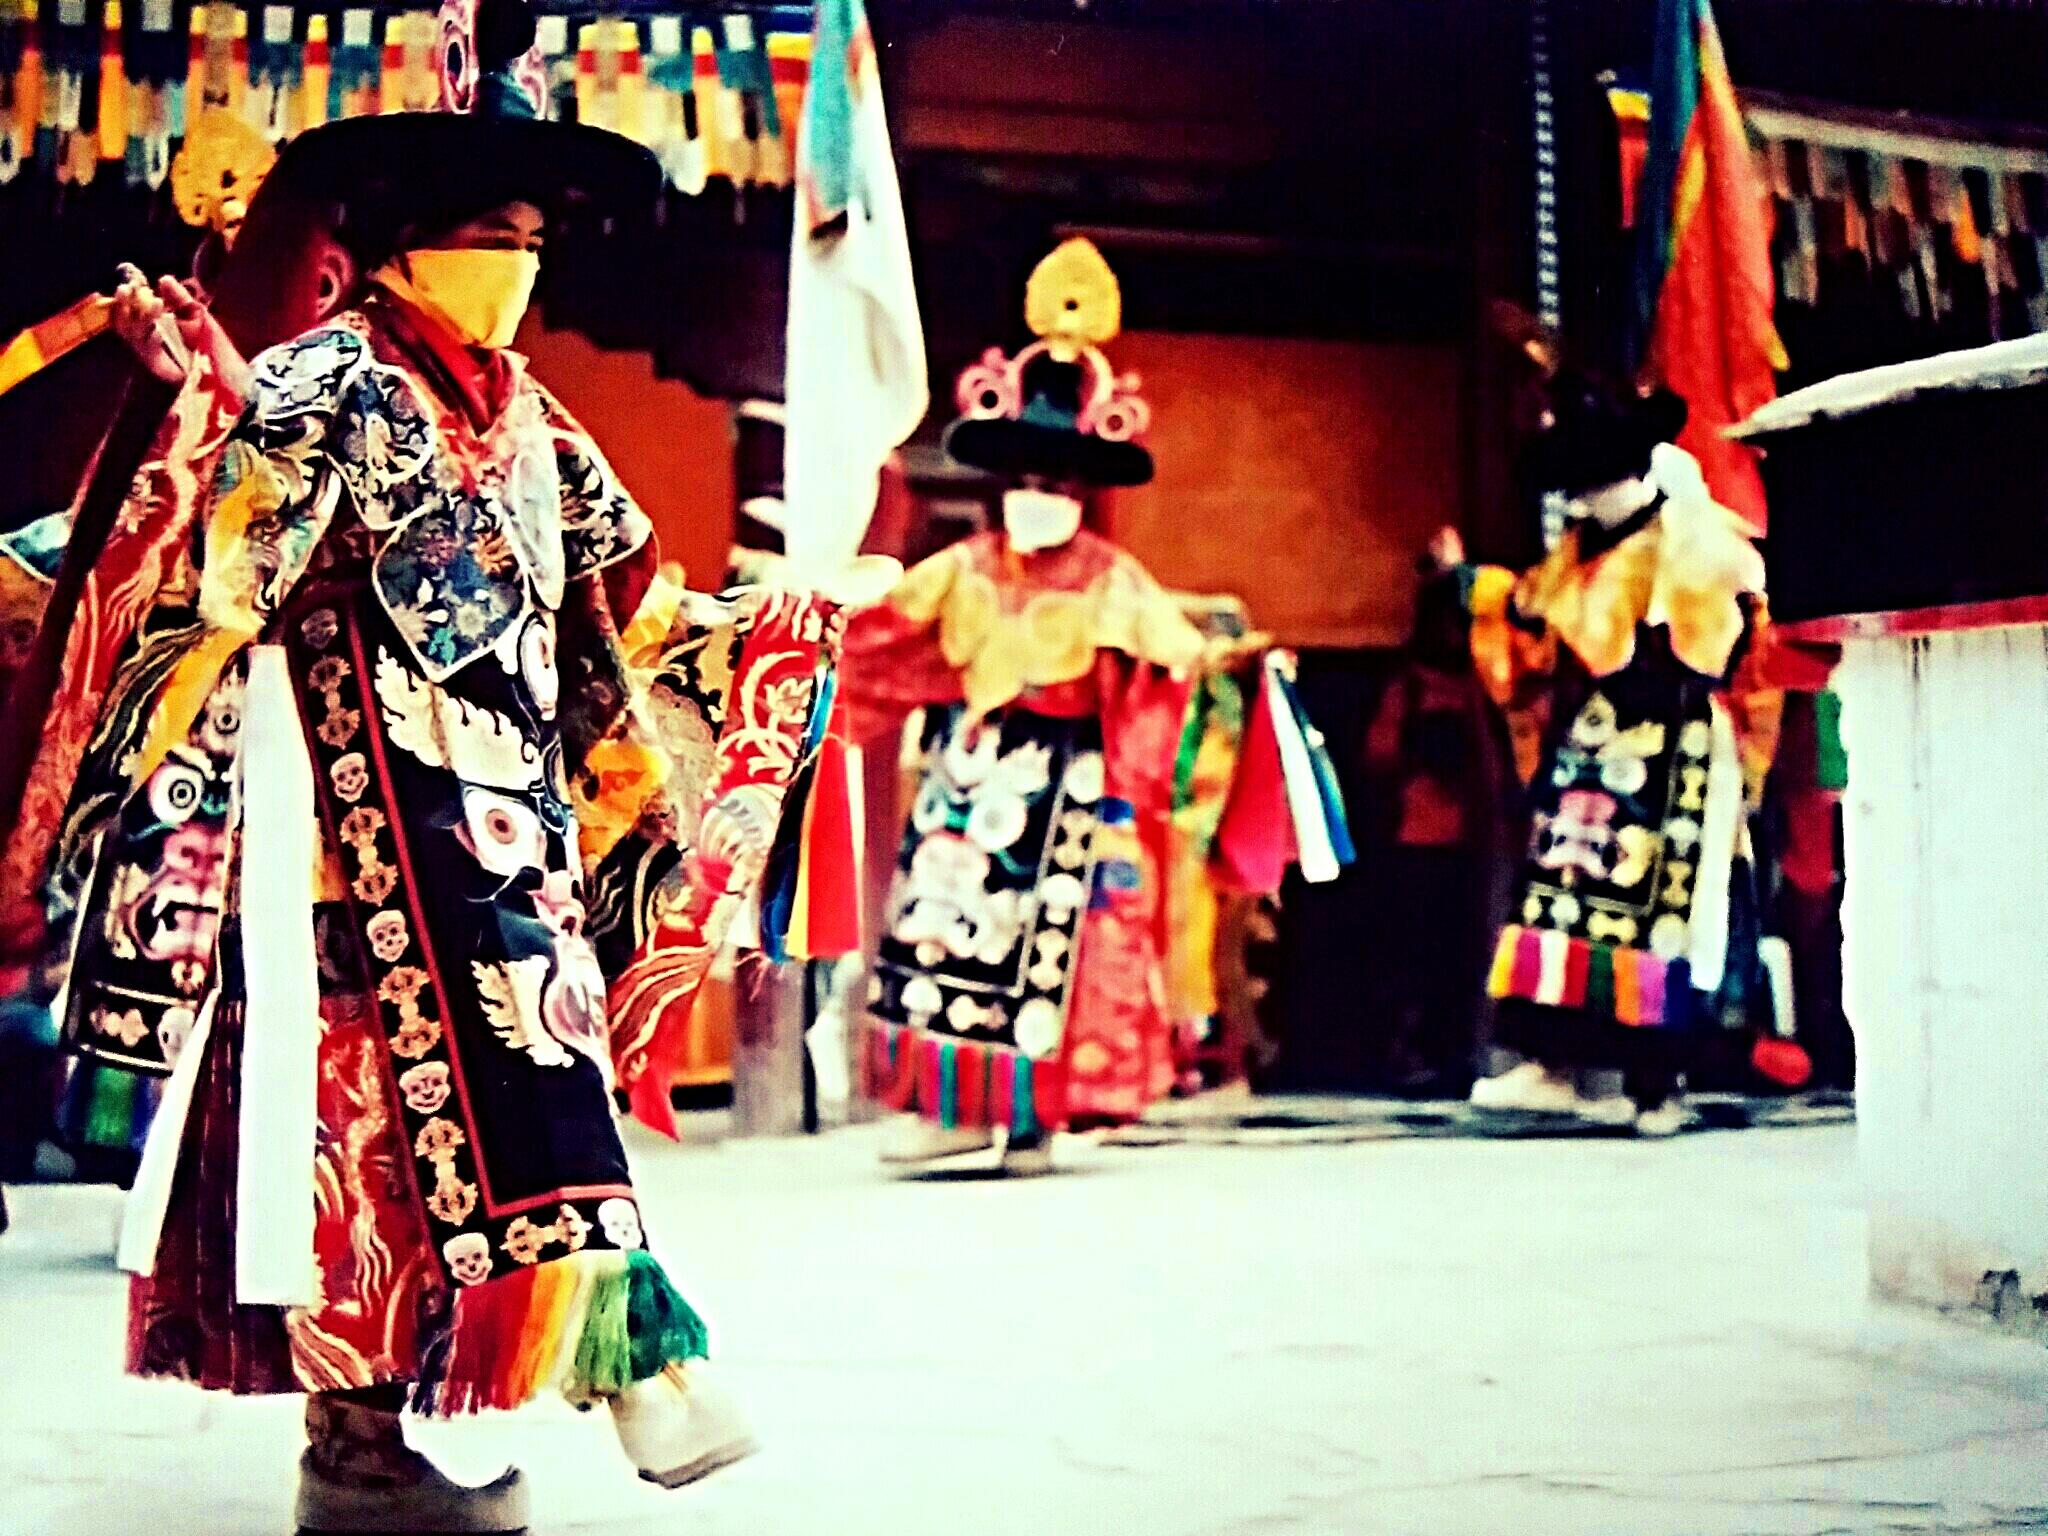 魂打たれるチベット仏教音楽が持っている意味とは?